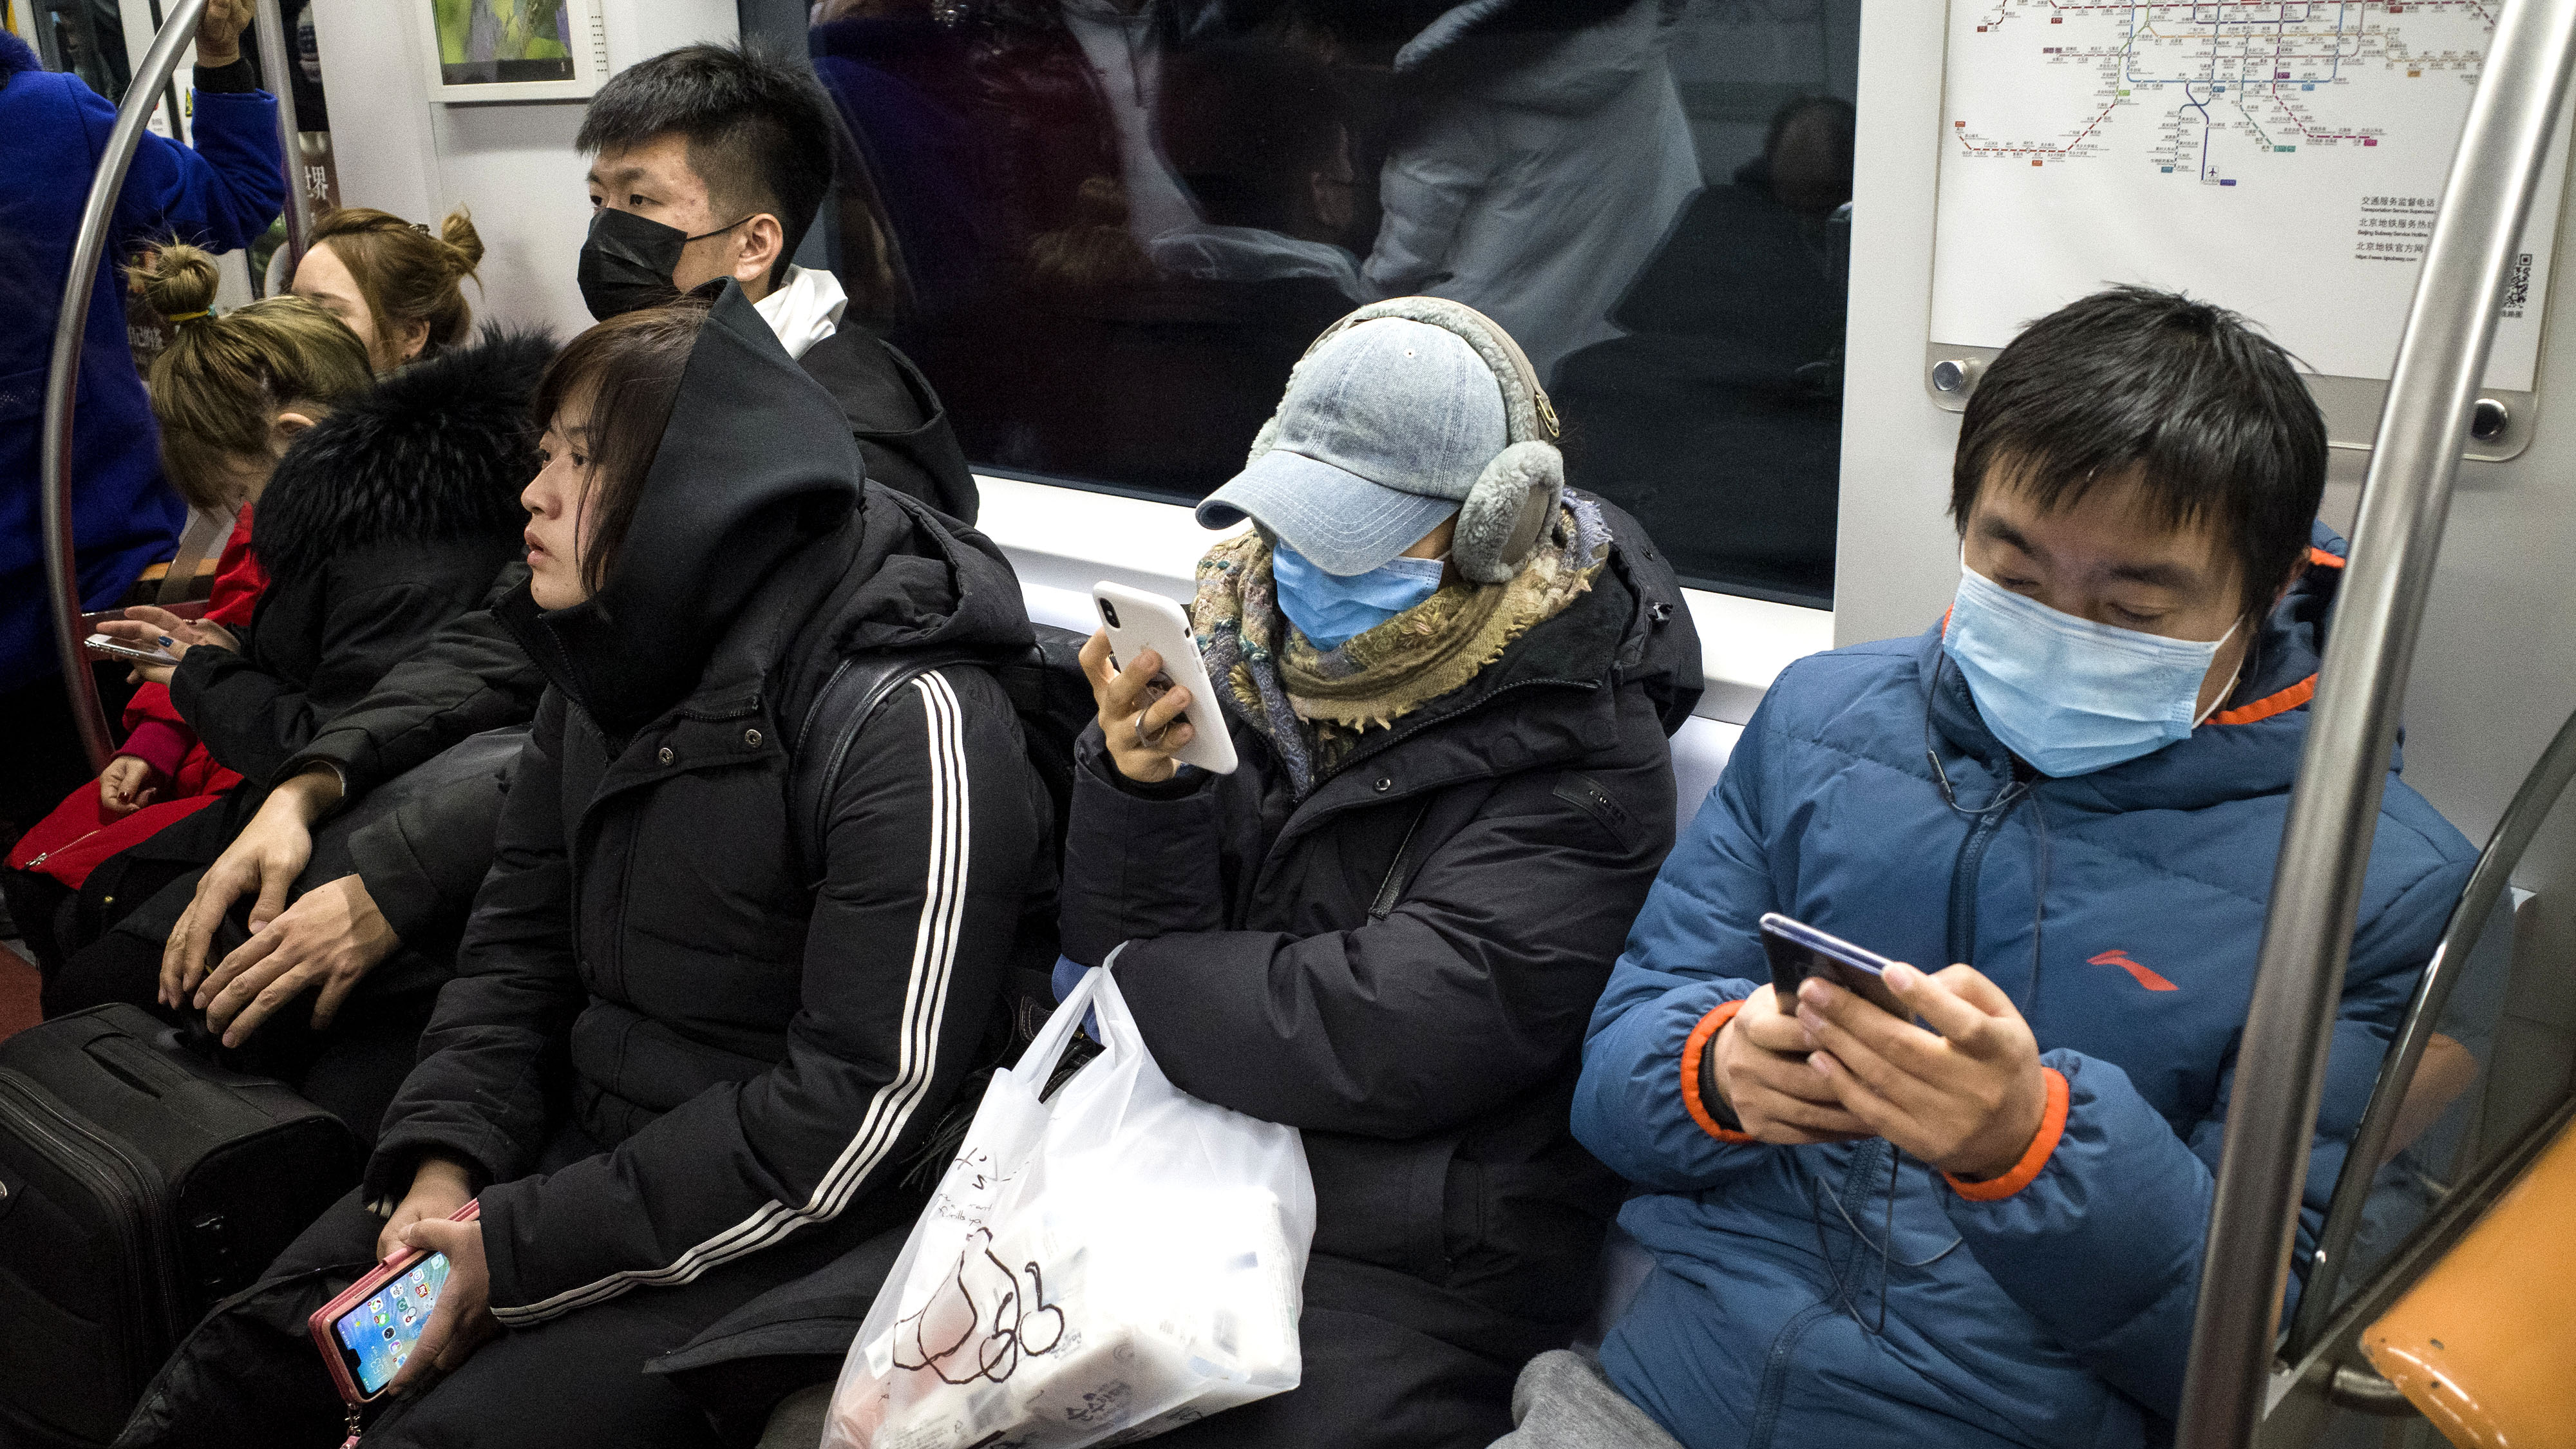 Los pasajeros del metro usan máscaras protectoras en Beijing el 21 de enero de 2020. - El número de muertos por un nuevo virus de China que es transmisible entre humanos aumentó a seis, dijo el alcalde de Wuhan en una entrevista con la cadena estatal CCTV el 21 de enero. La Organización de la Salud dijo que consideraría declarar una emergencia internacional de salud pública sobre el brote. (Foto por NOEL CELIS / AFP)